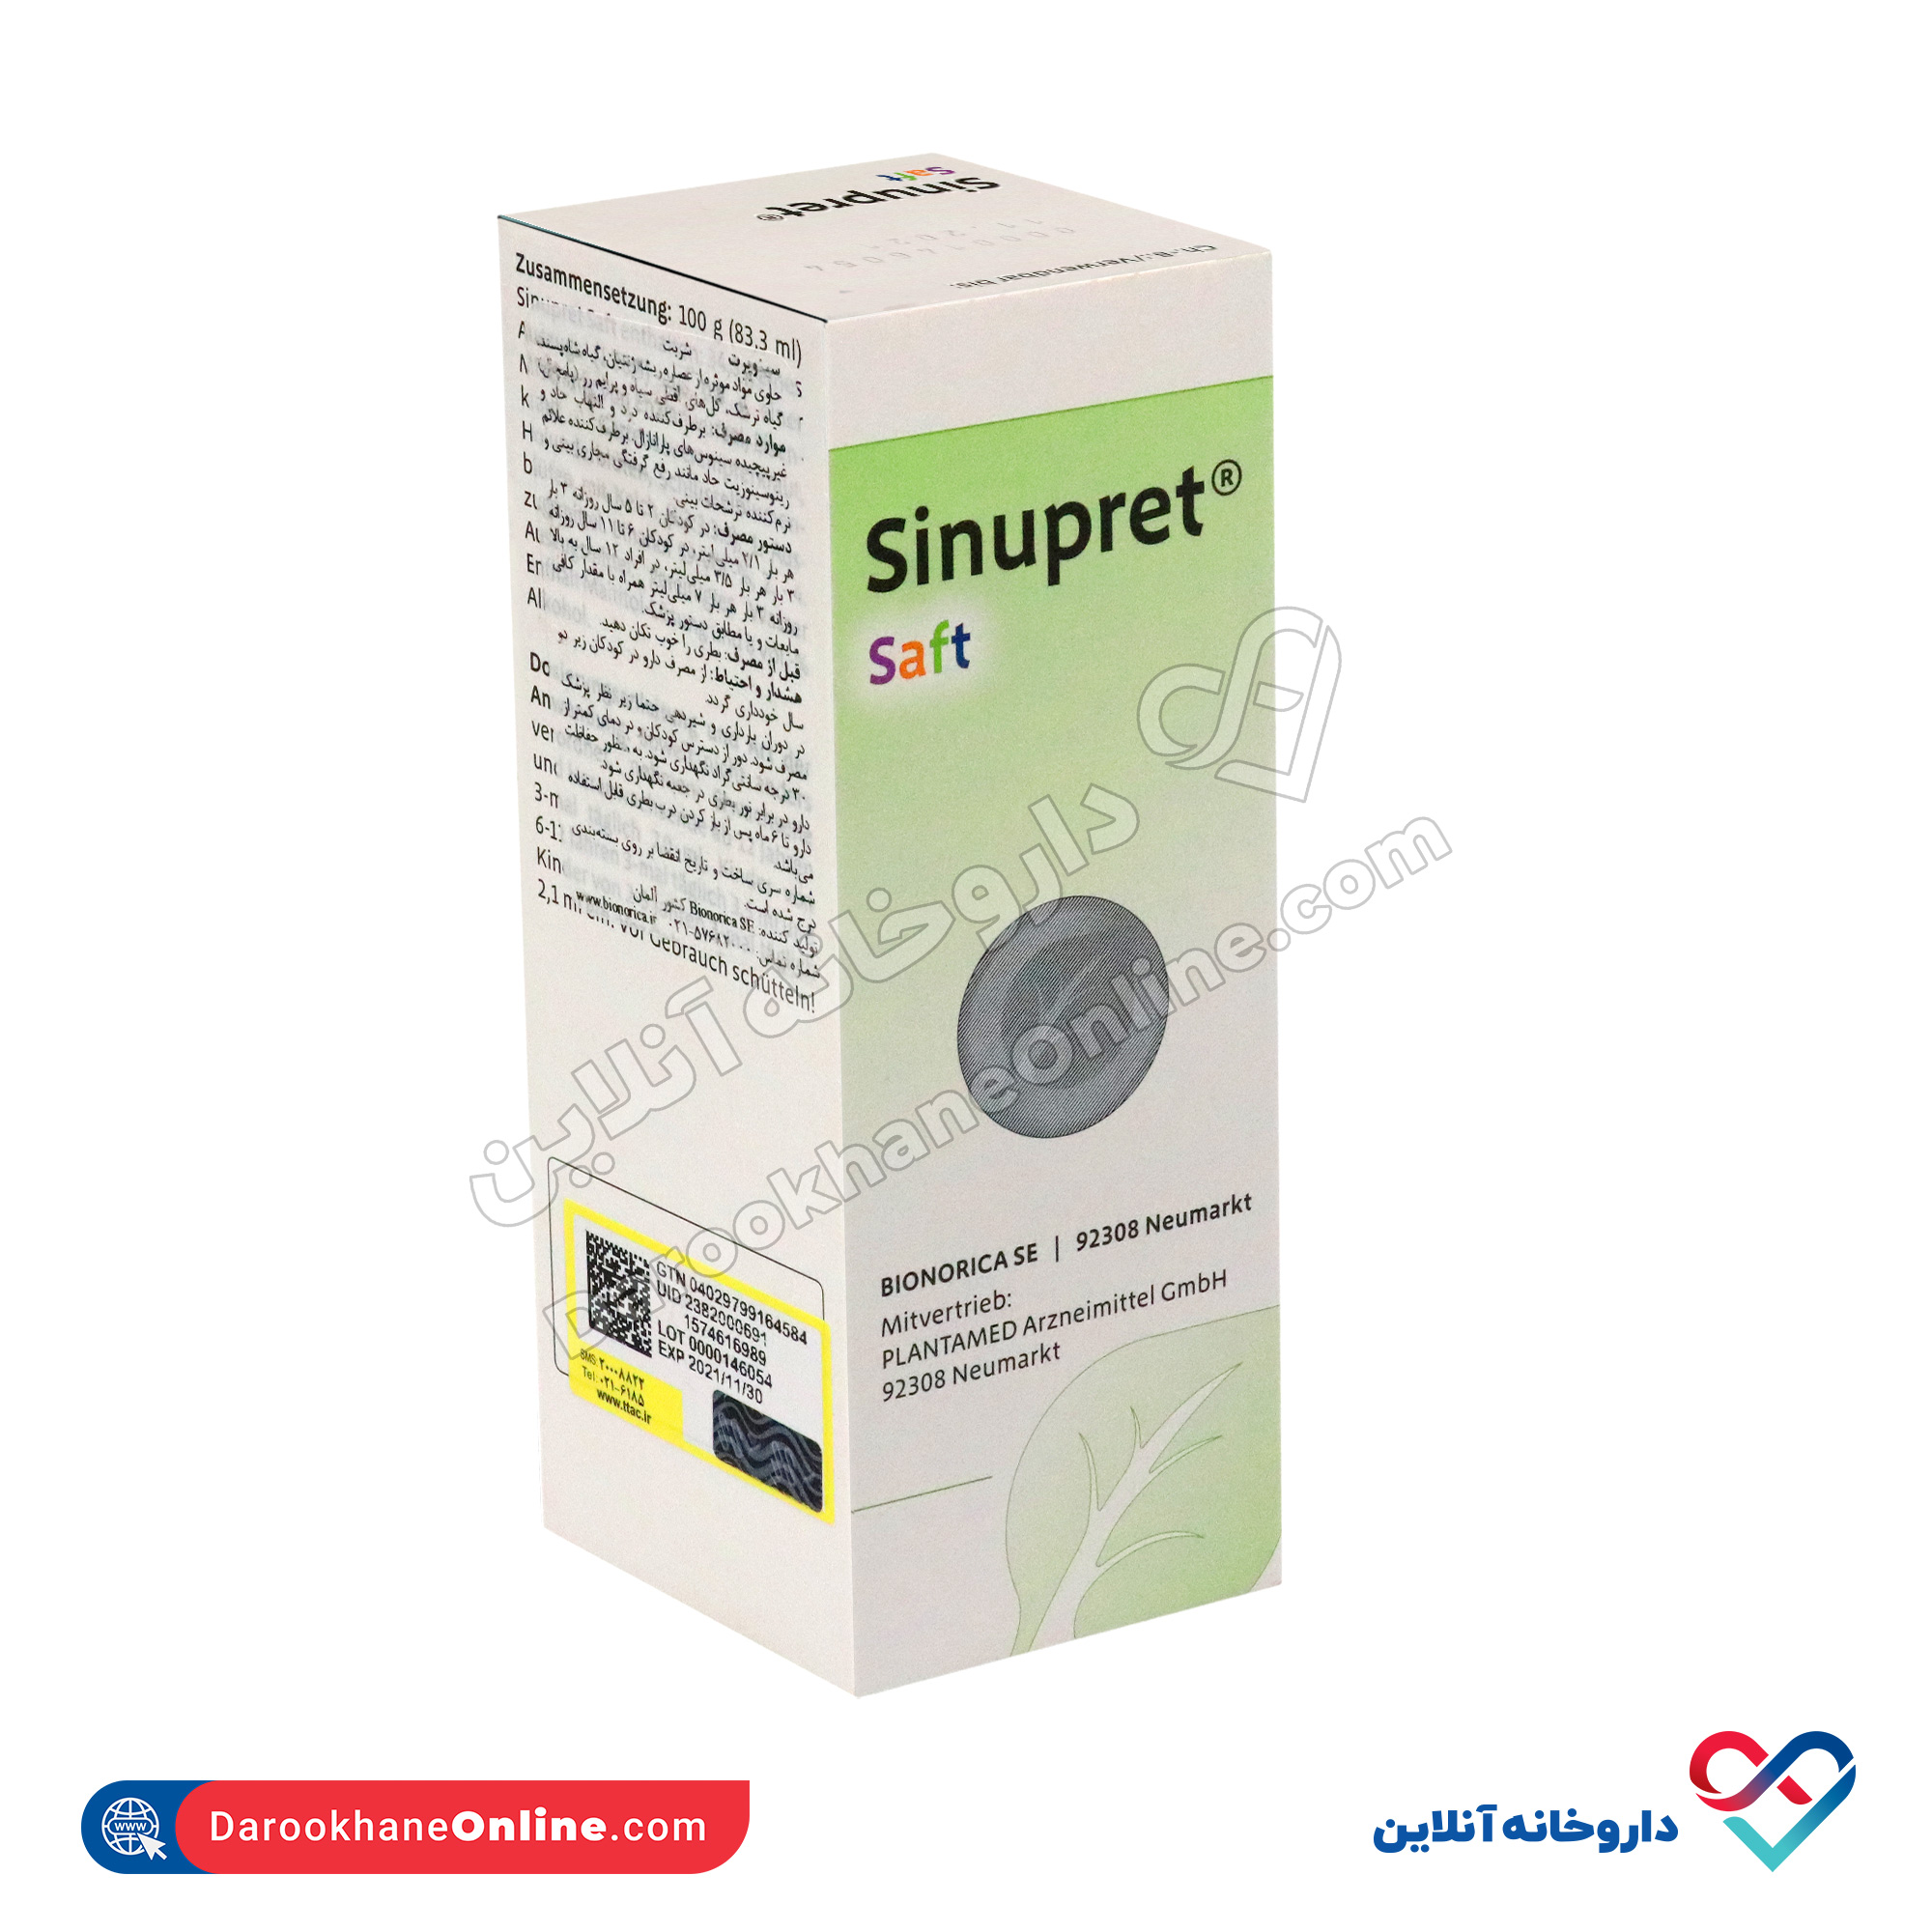 شربت سینوپرت سافت بیونوریکا | 100 میل | برطرف کننده علائم سینوزیت و التهاب سینوس ها